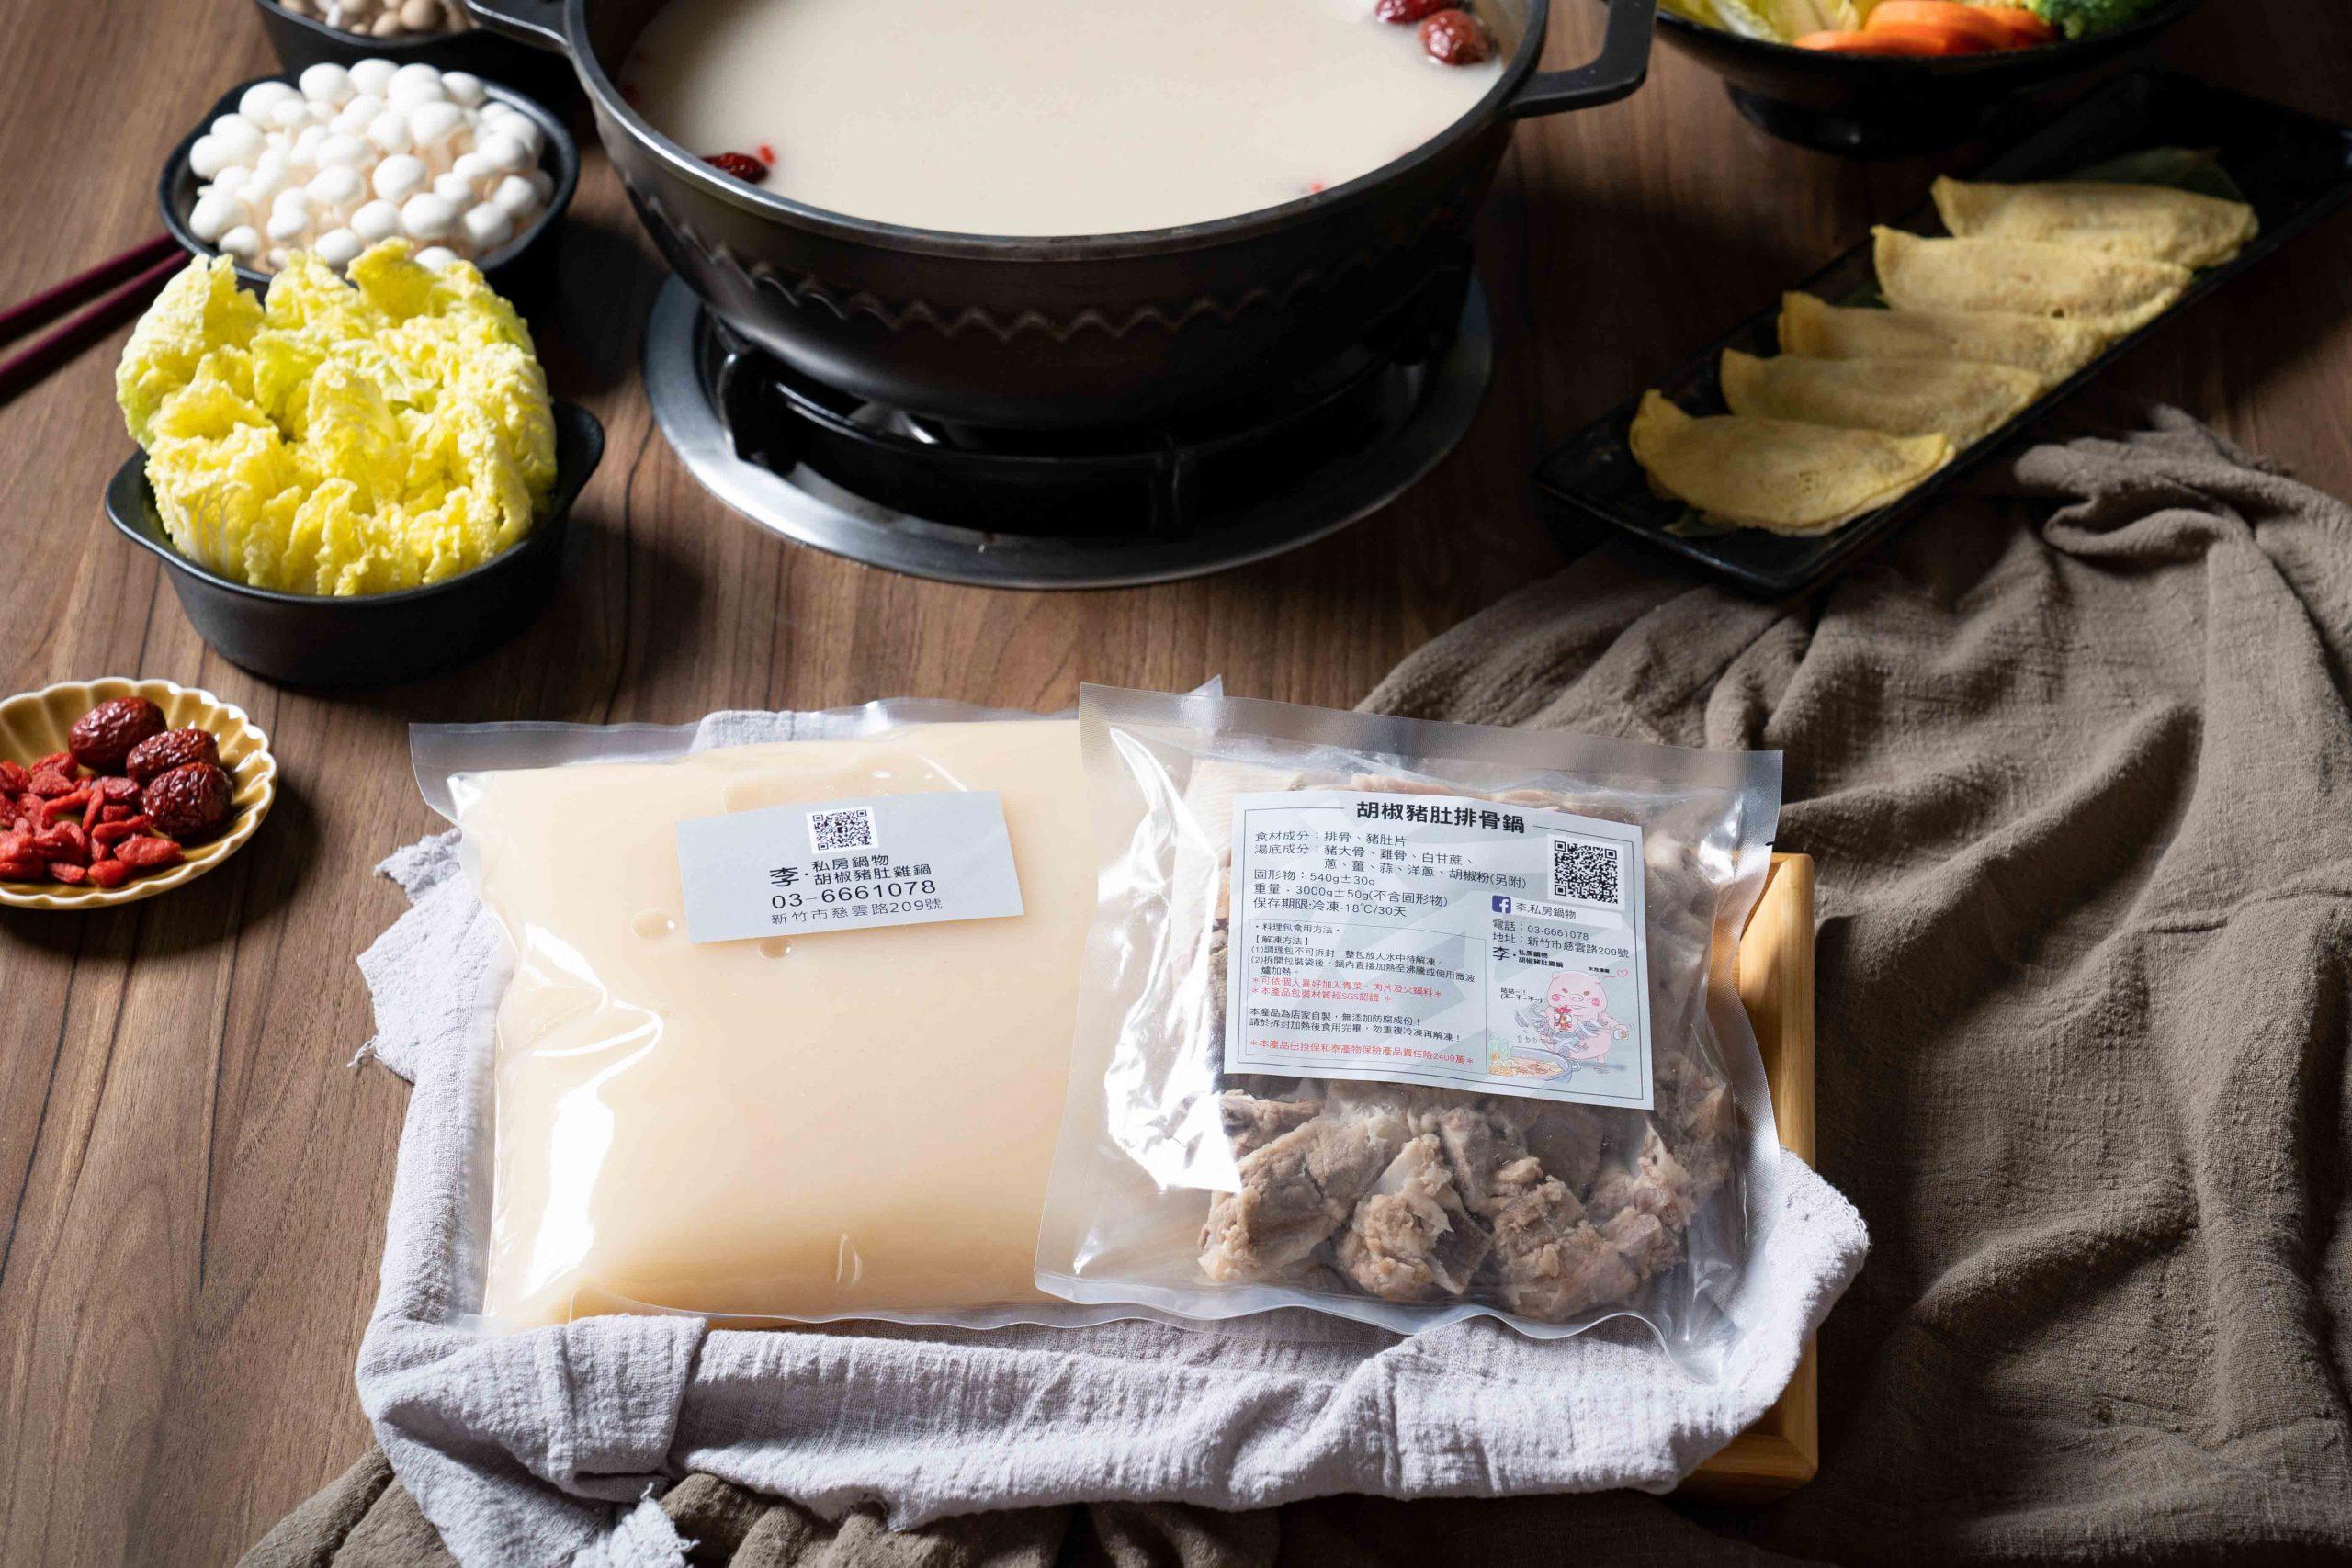 在家煮飯煮到厭世!新竹冷凍料理包神還原餐廳美味,三分鐘在家輕鬆吃美味、瘋美食